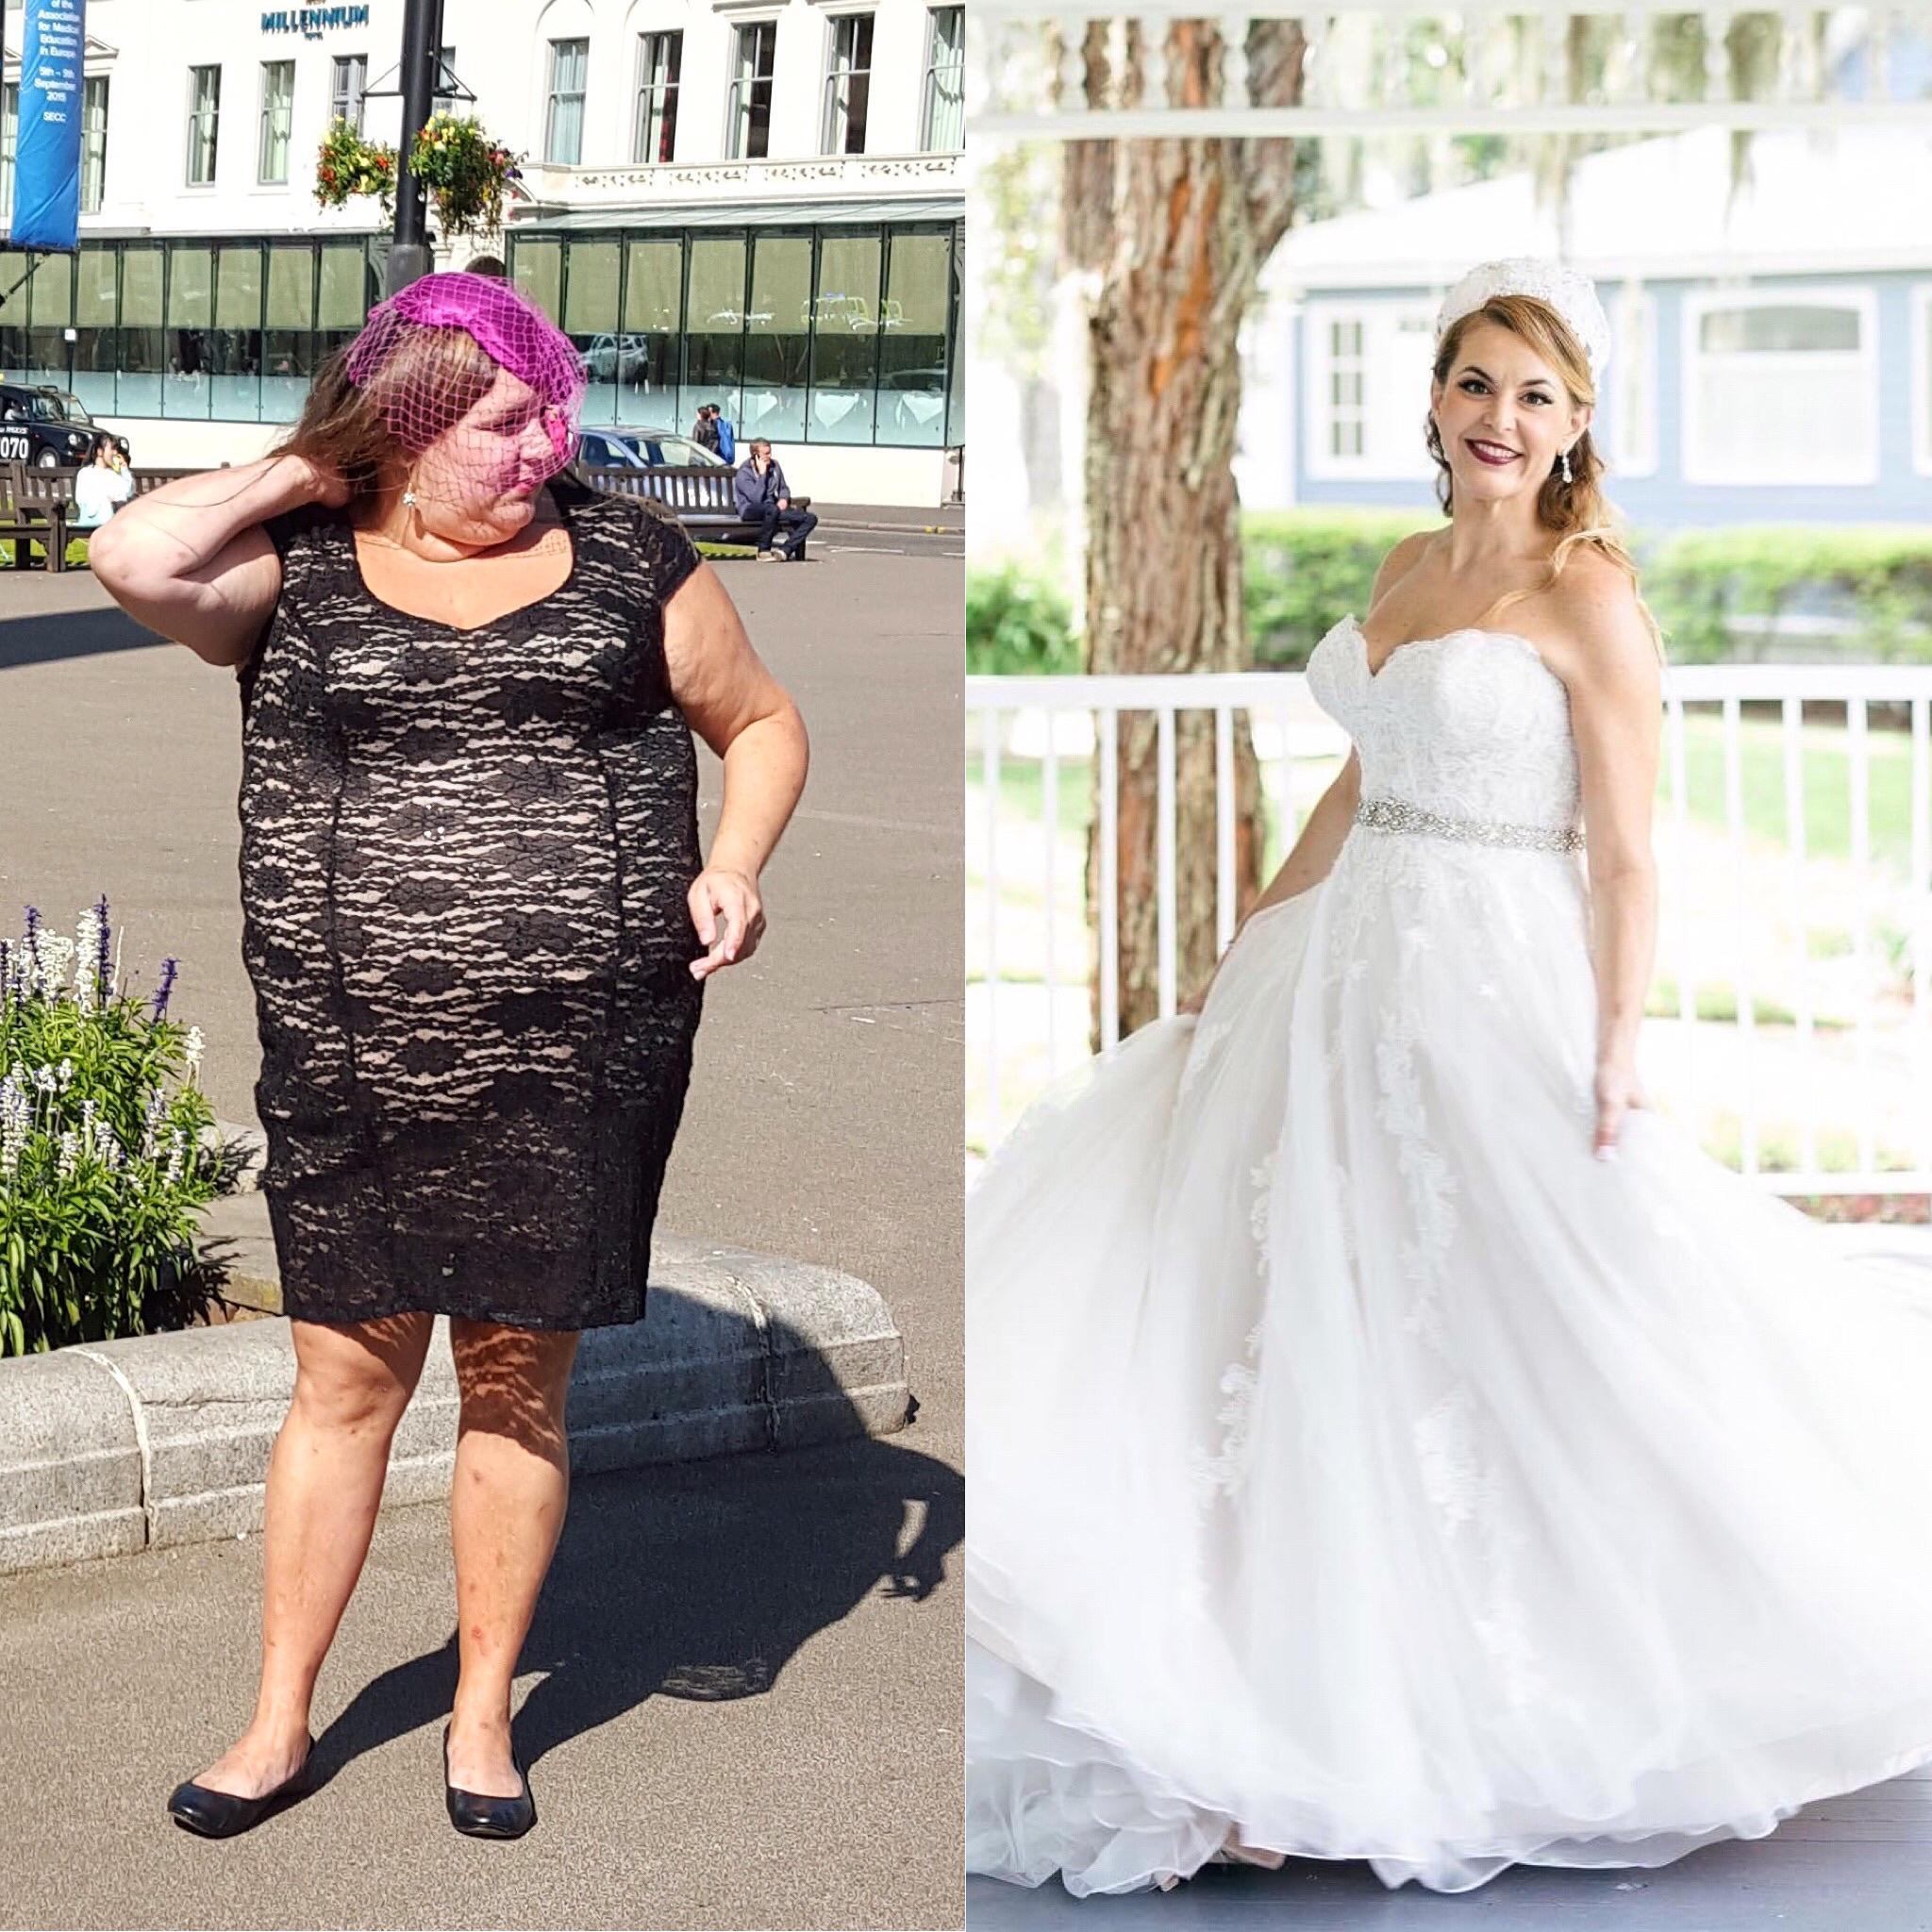 145 lbs Weight Loss 5 feet 7 Female 313 lbs to 168 lbs